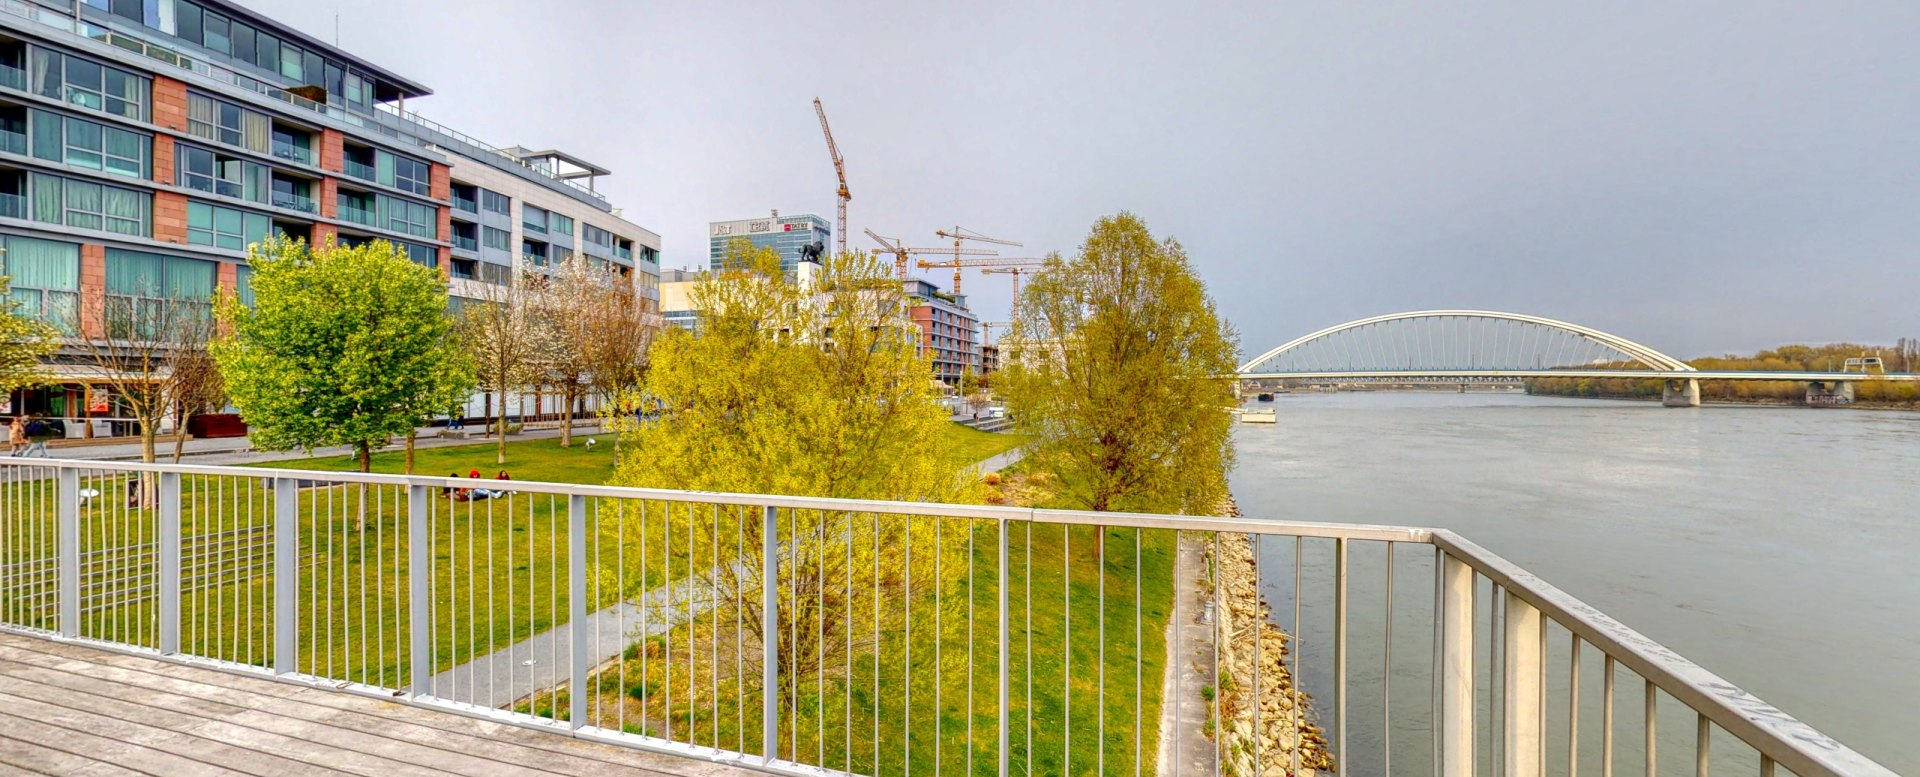 Pohľad z móla na nábrežie Dunaja a Most Apollo